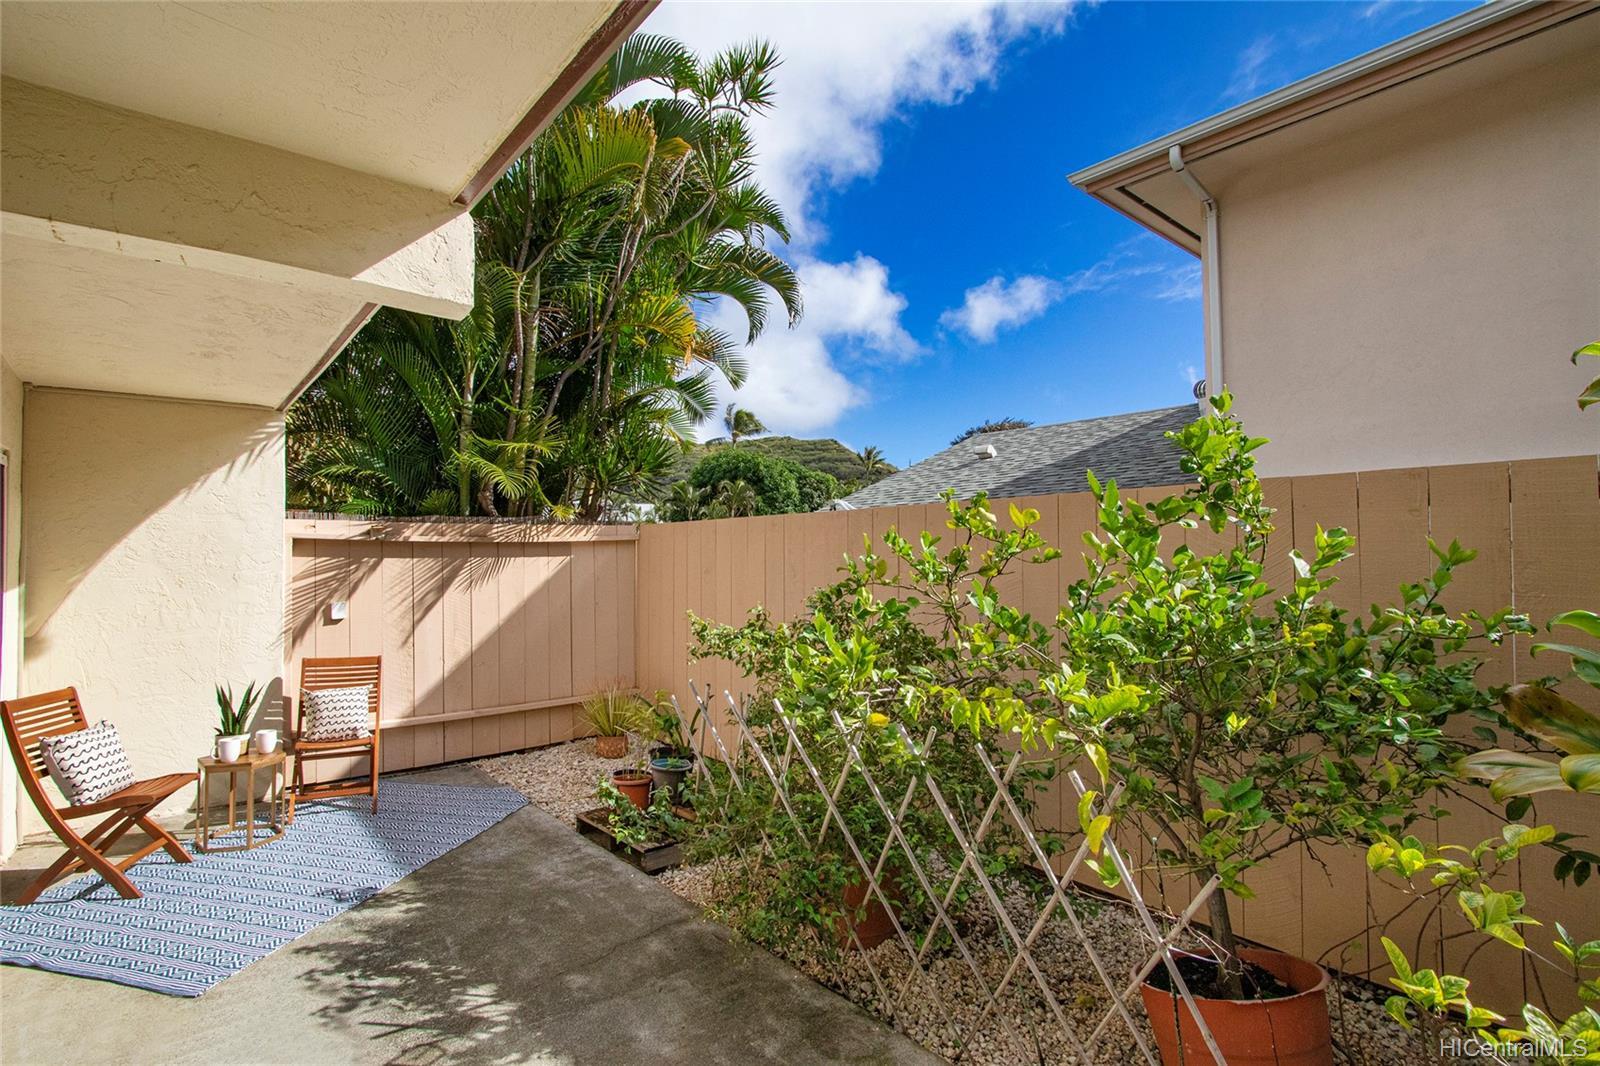 6225 Kawaihae Place townhouse # C101, Honolulu, Hawaii - photo 11 of 25